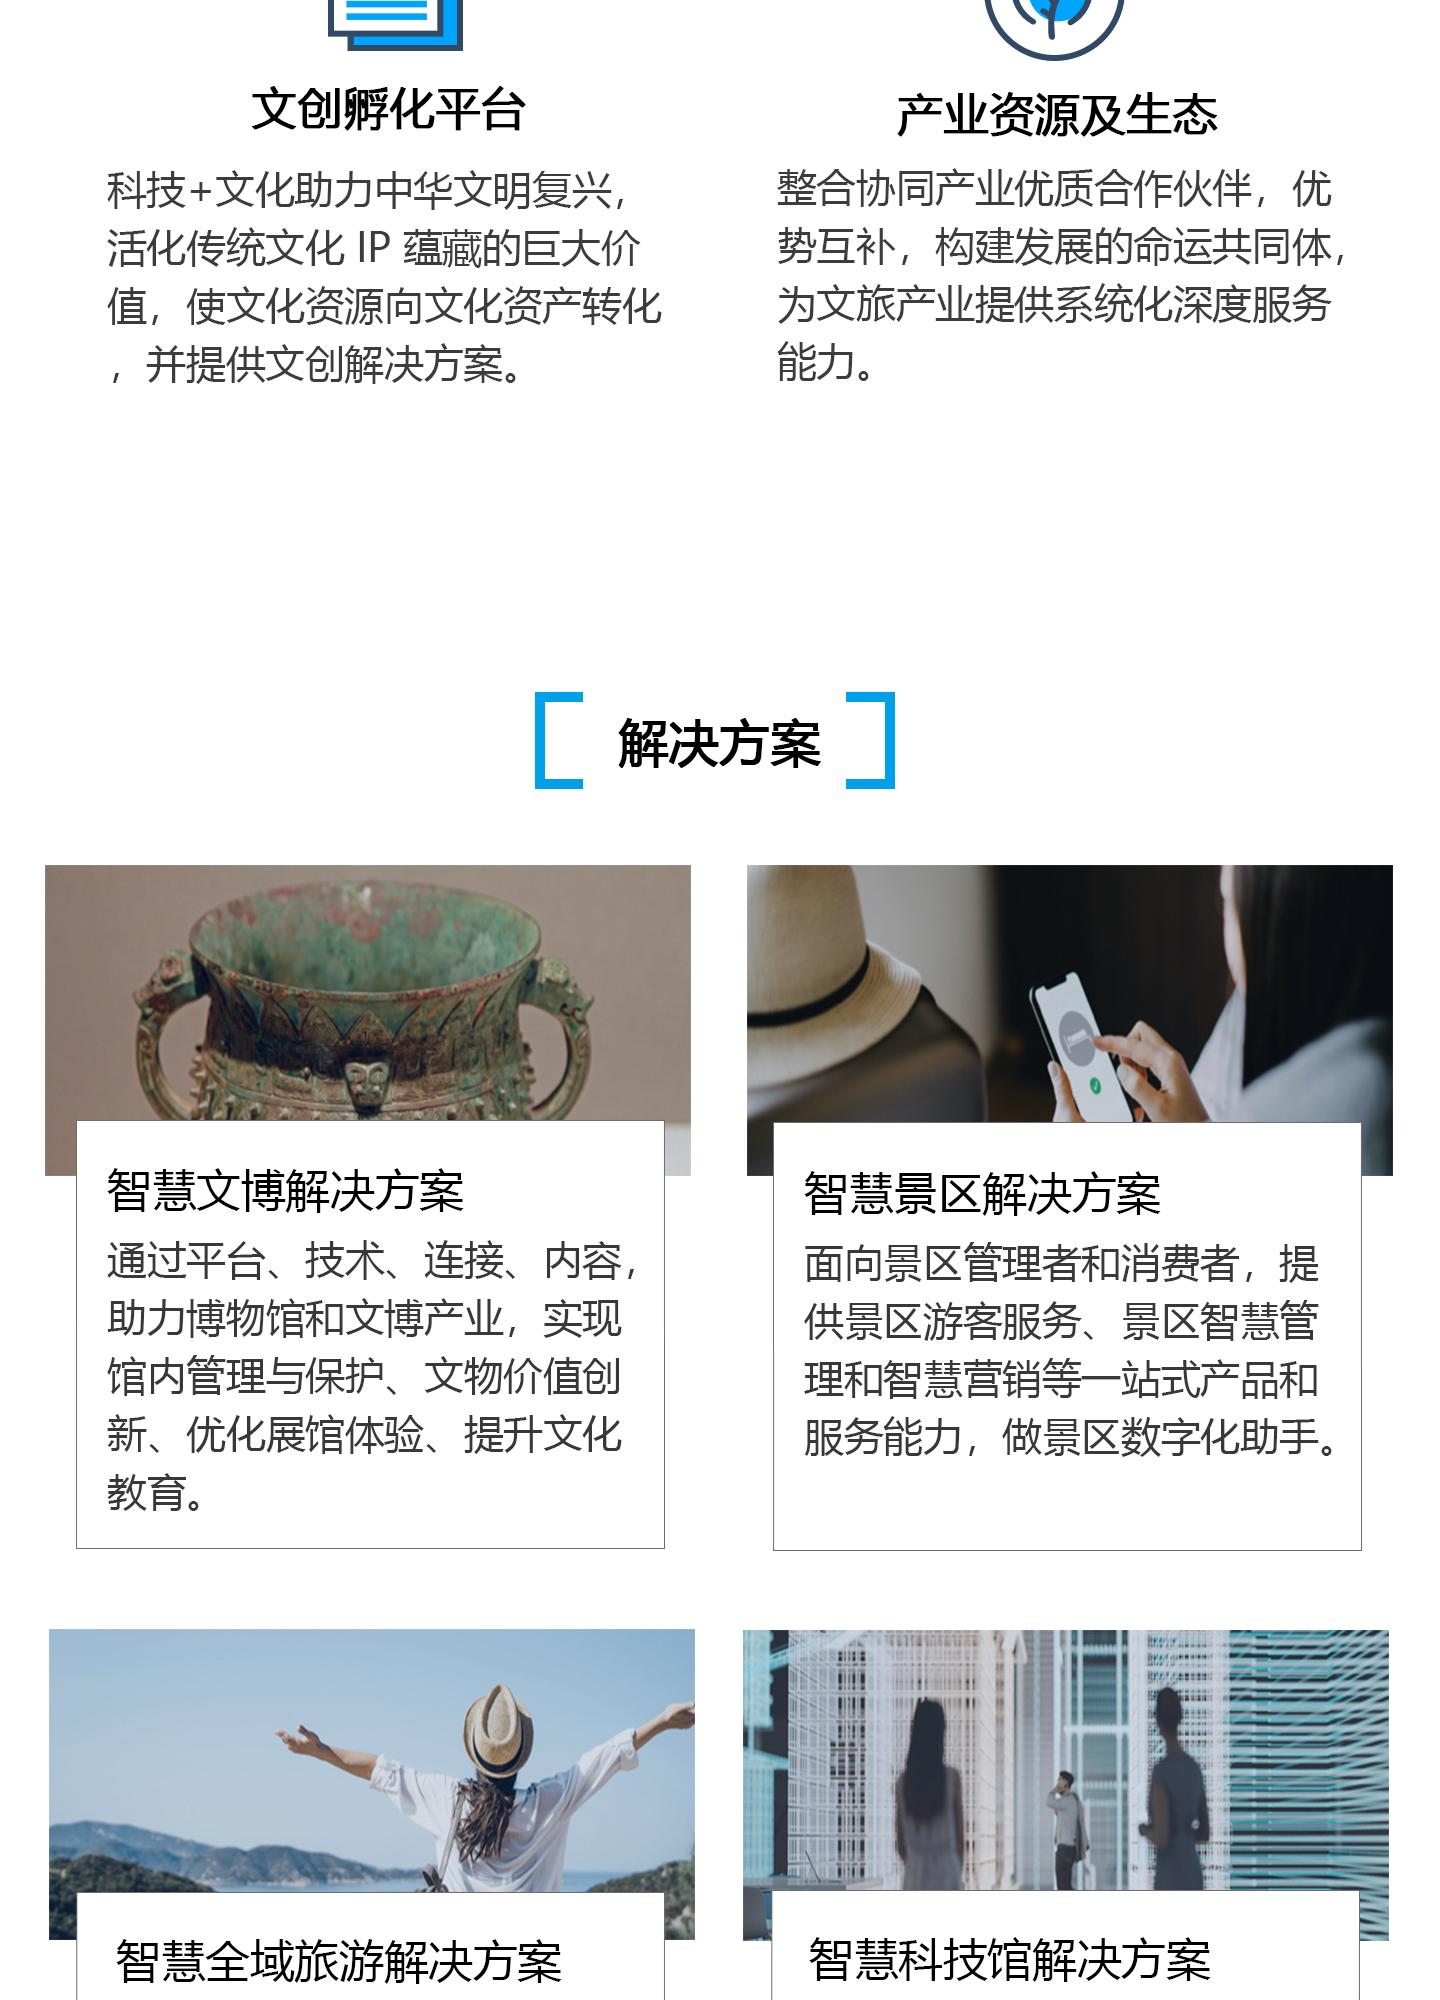 文旅行业解决方案1440_02.jpg